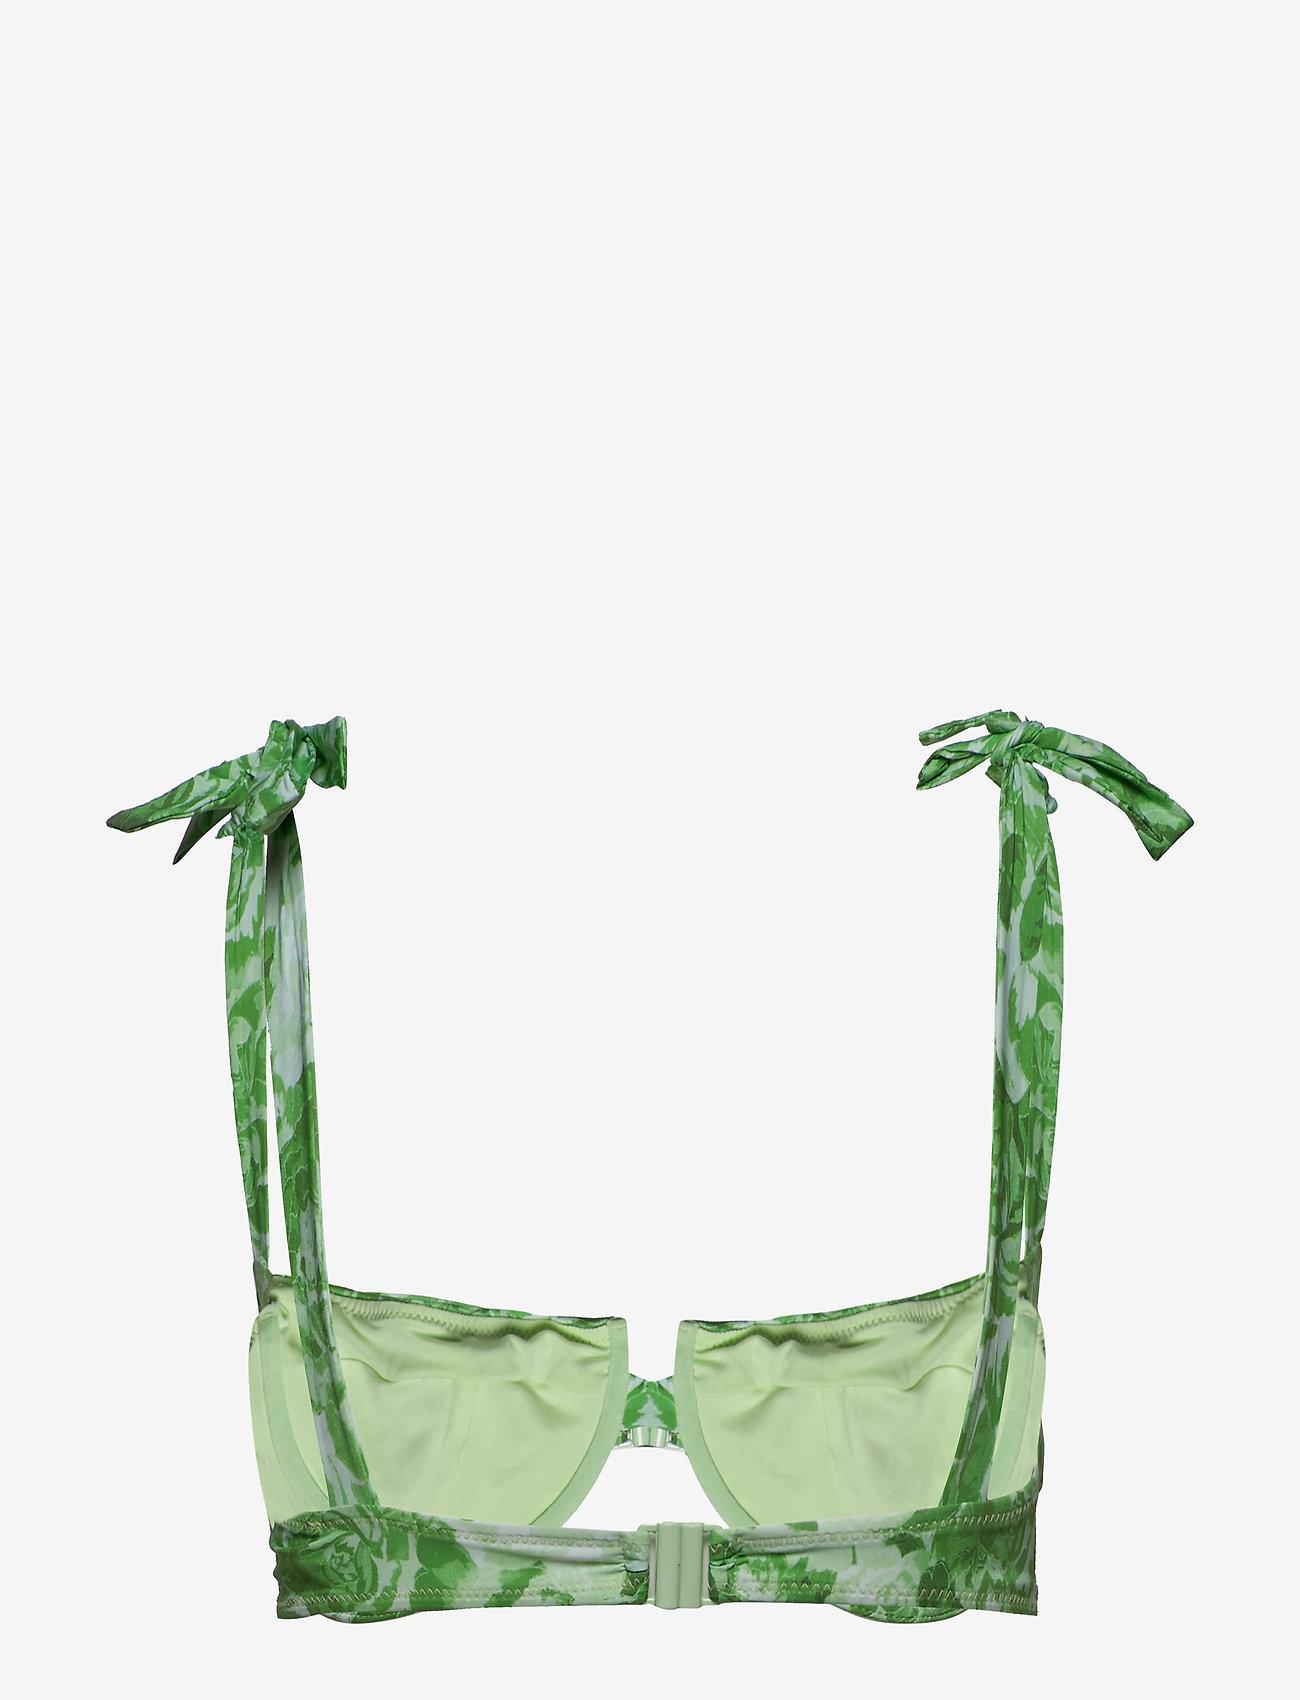 Ganni Recycled Fabric Swimwear - Stroje kąpielow PATINA GREEN - Kobiety Odzież.